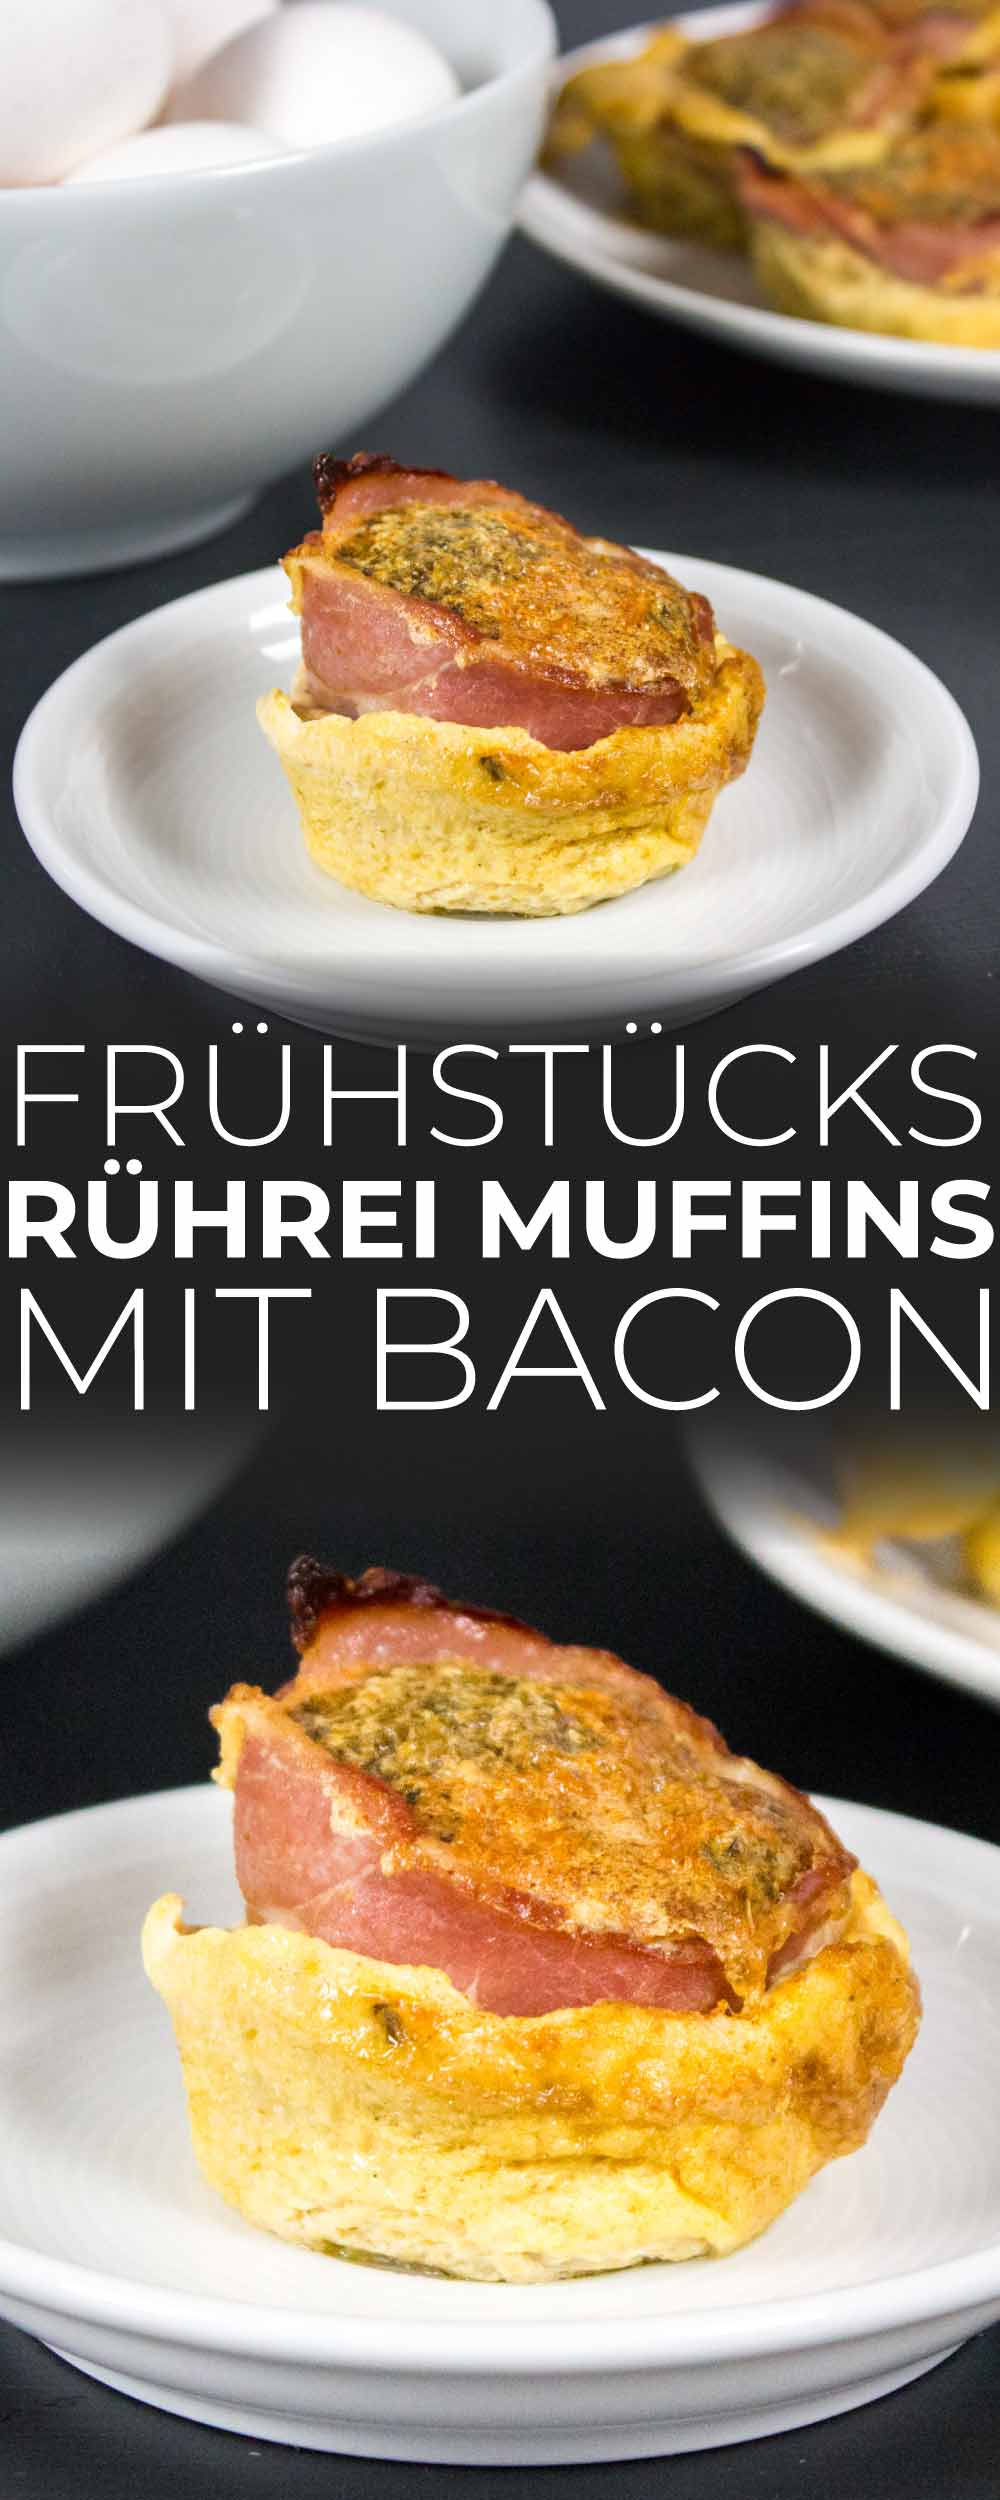 Frühstücks Rührei Muffins mit Bacon